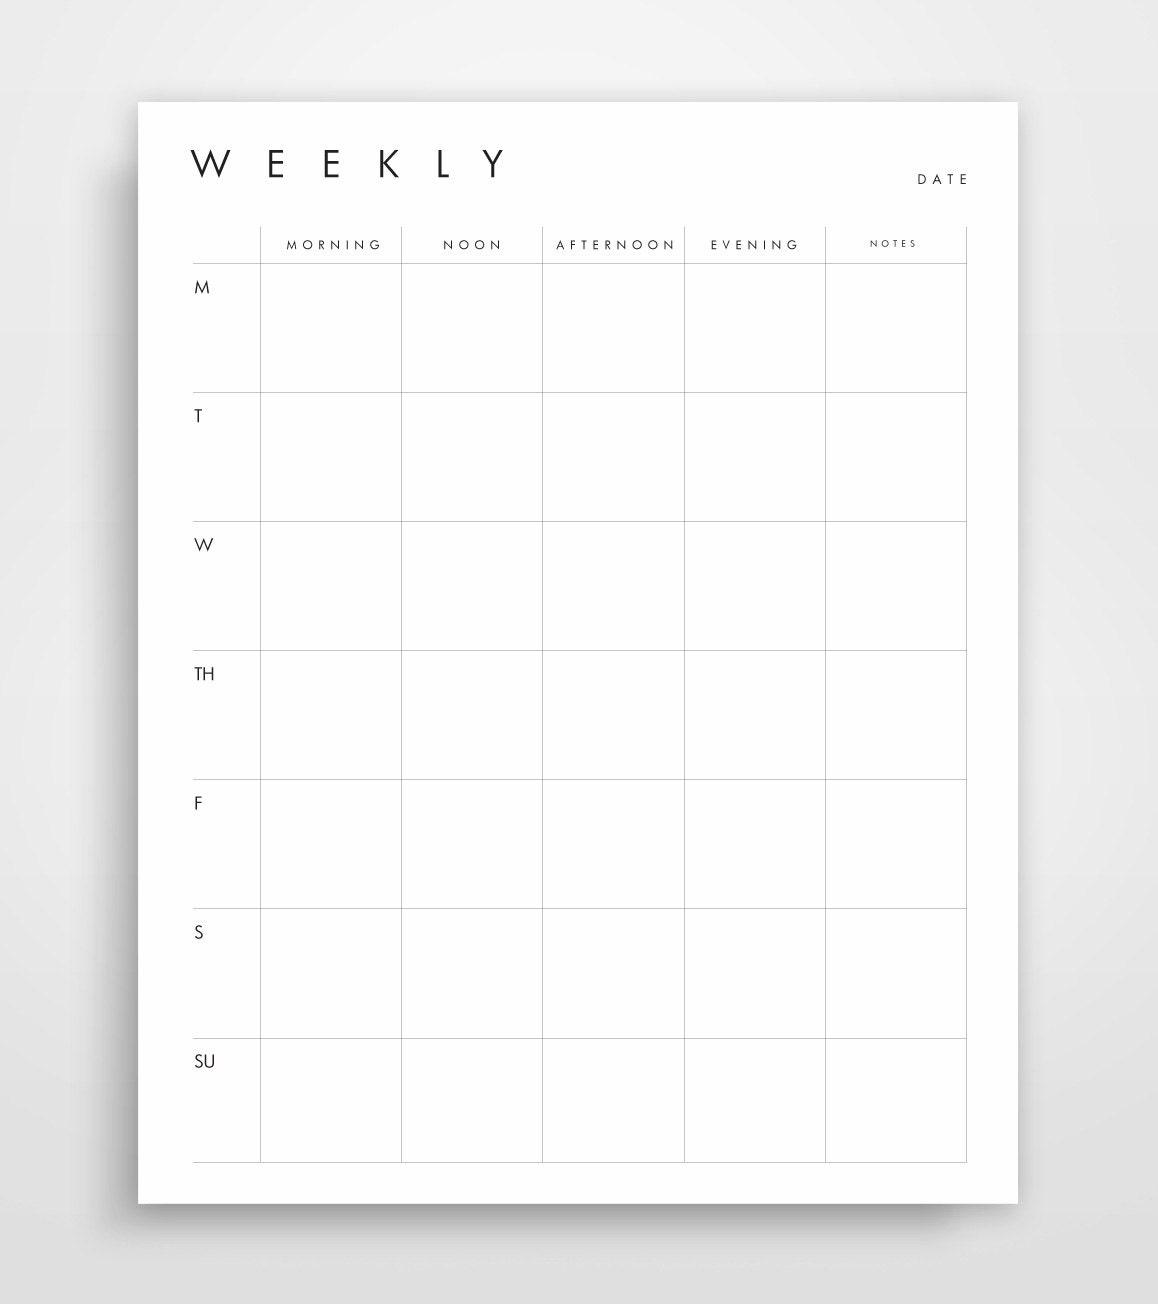 Minimalist Calendar Template : Weekly agenda week schedule printable planner